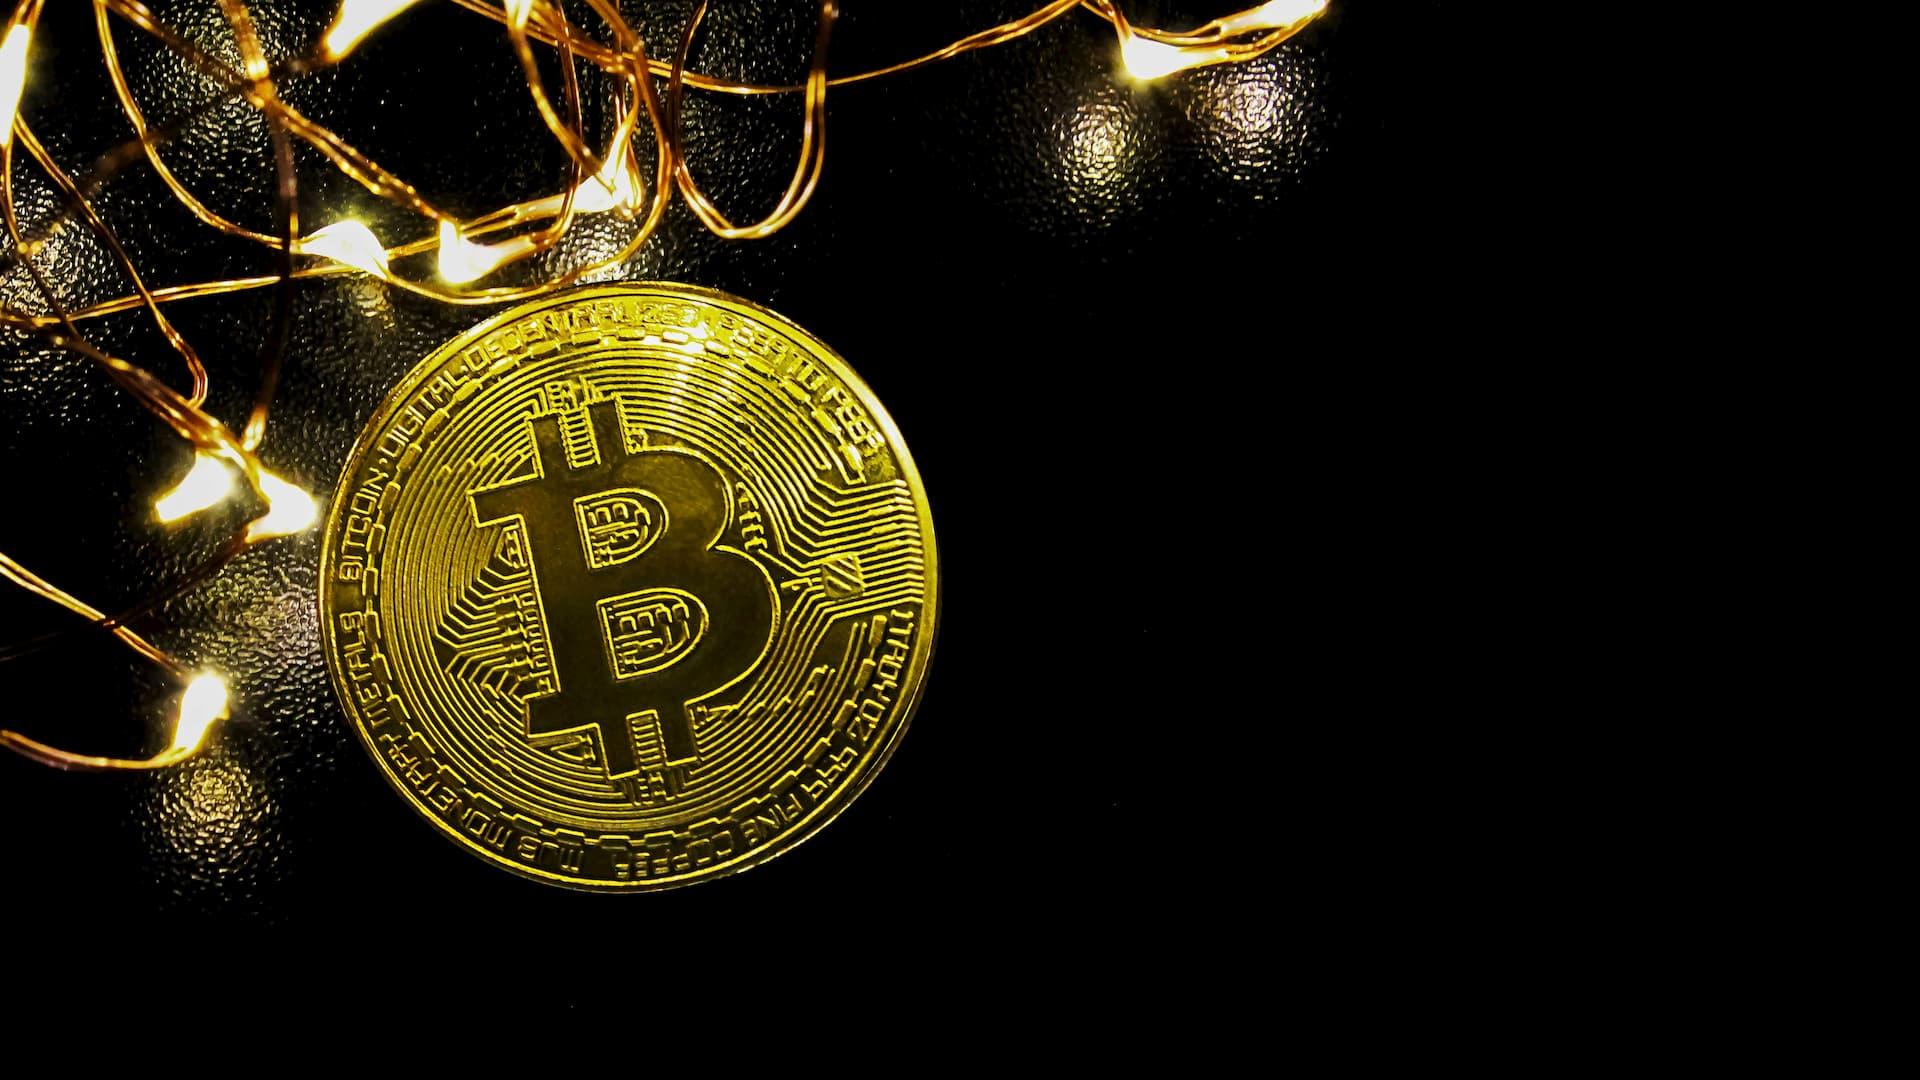 Bitcoin Fiyatı Nasıl Oluşur? Kripto Para Borsaları Nasıl Çalışır?